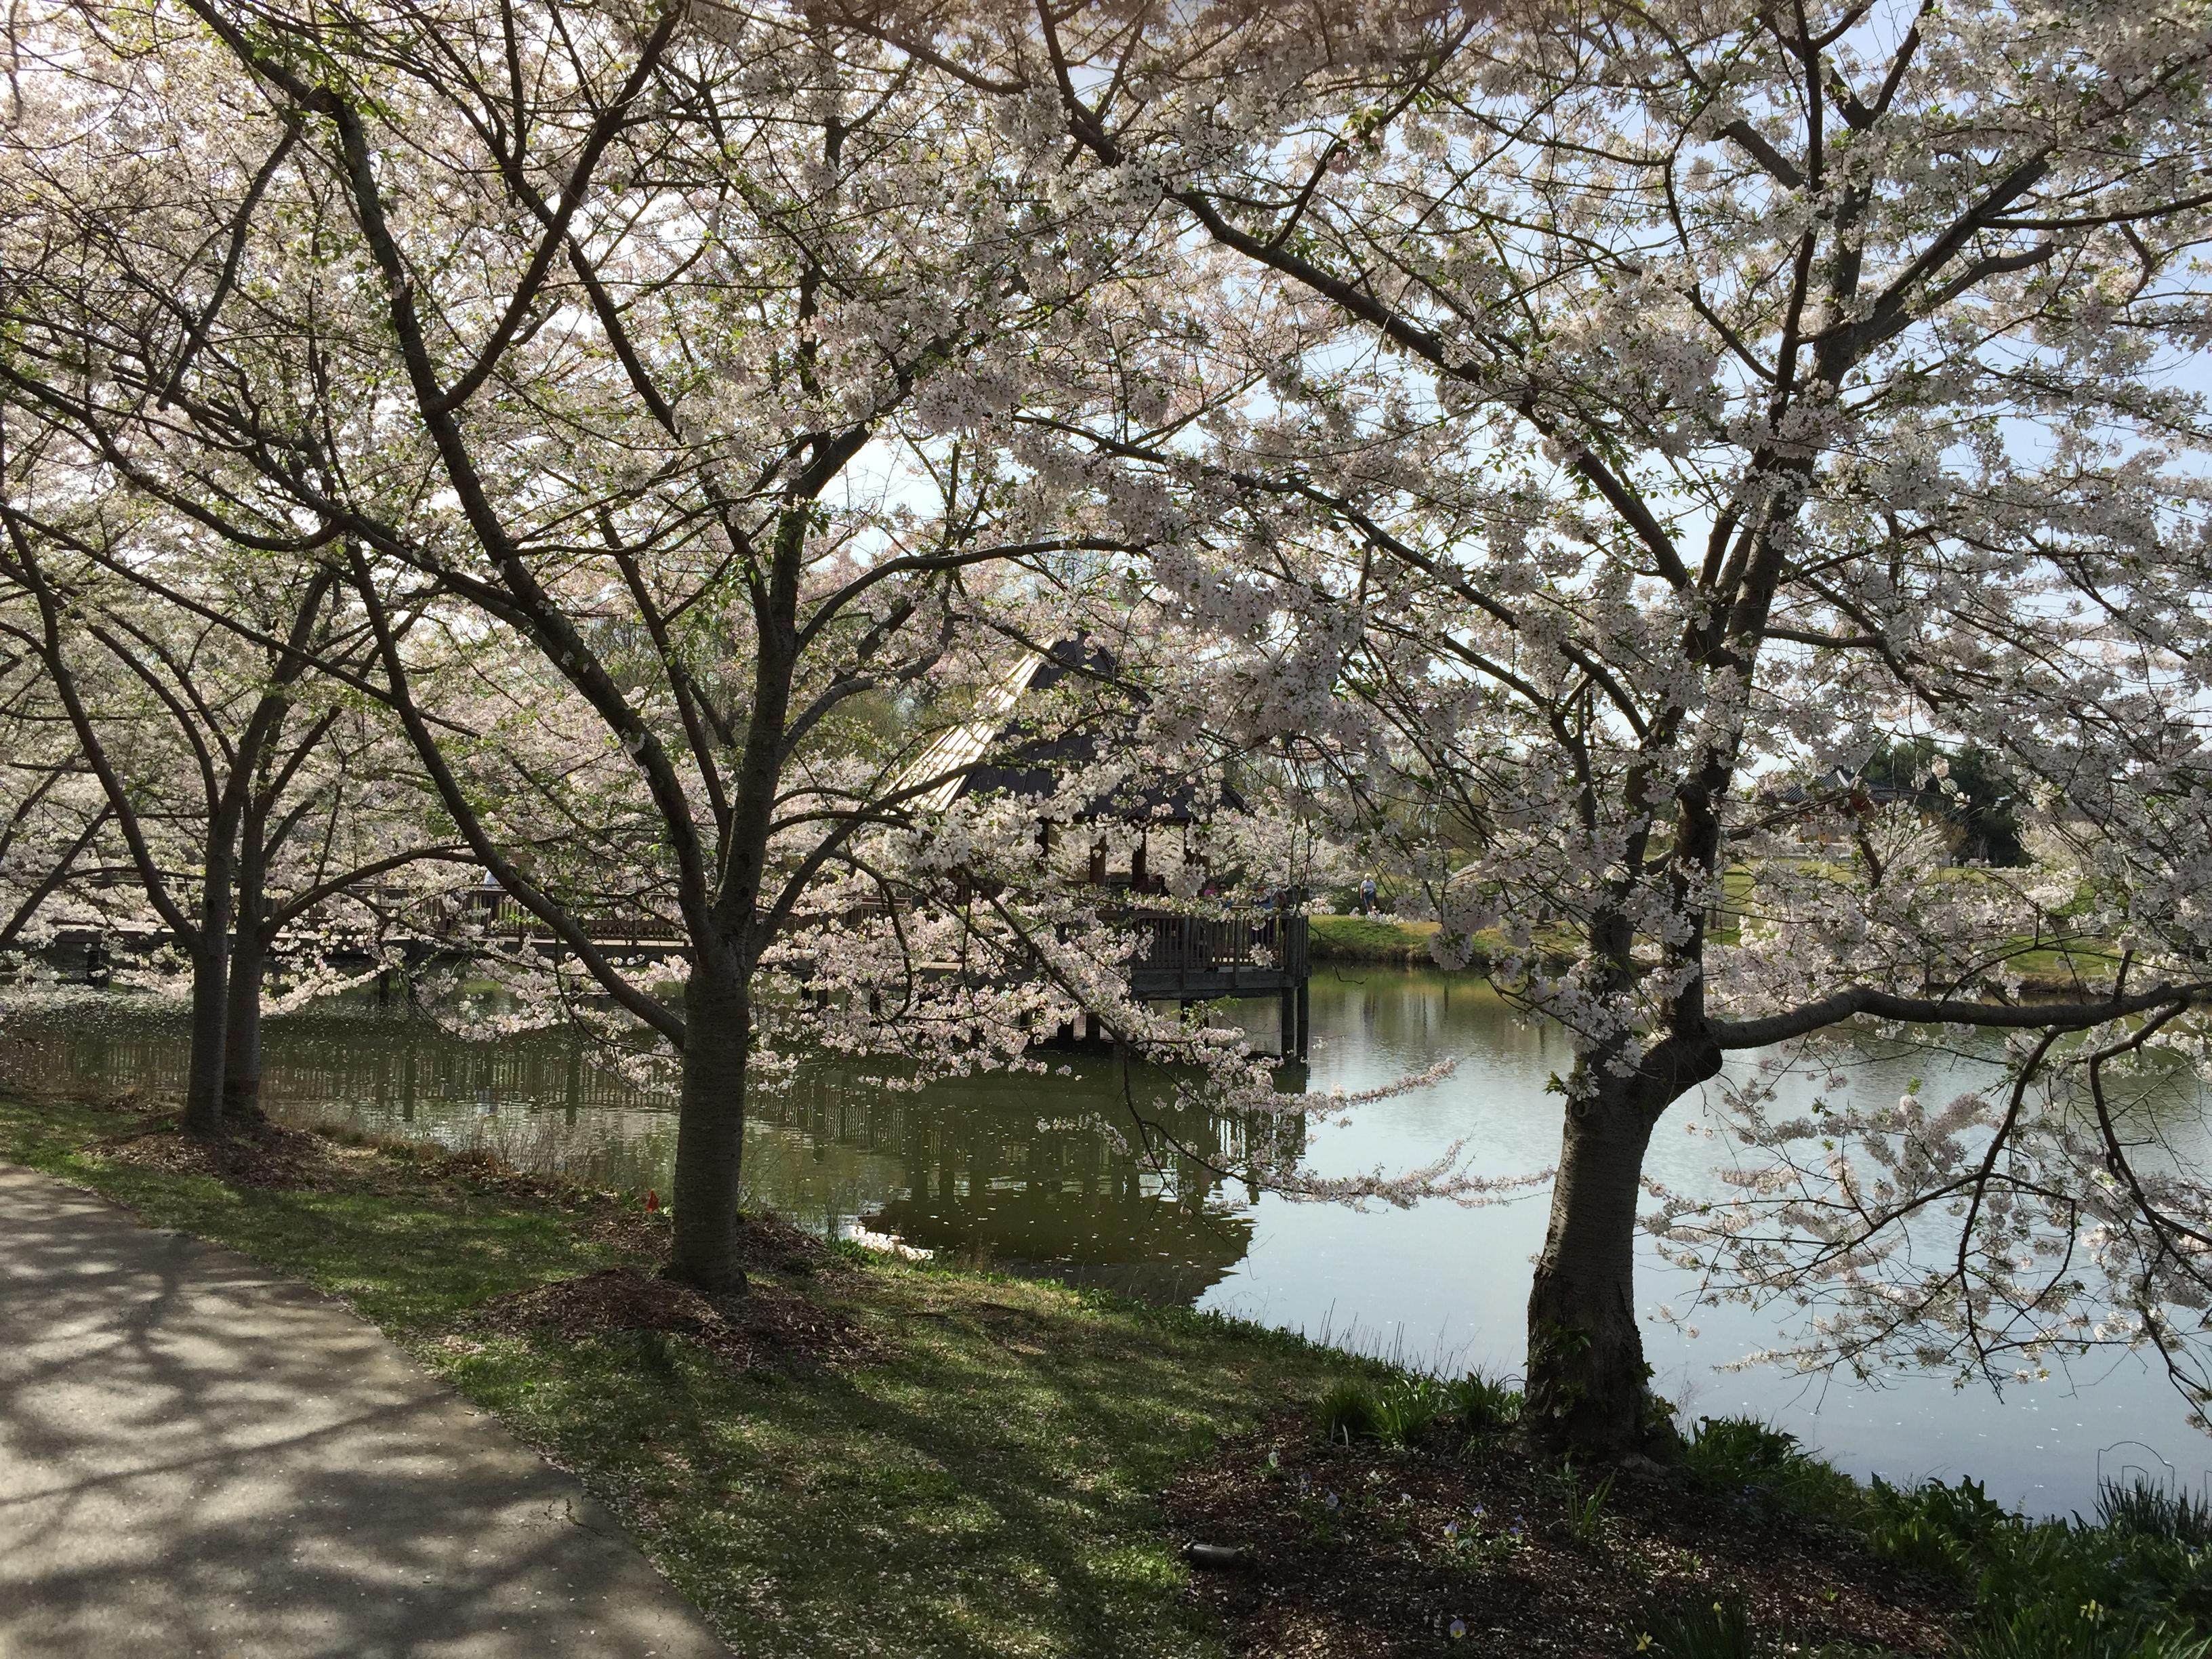 Quarry Shade Garden At Bon Air Park: Regional Gardens: Meadowlark Botanical Gardens